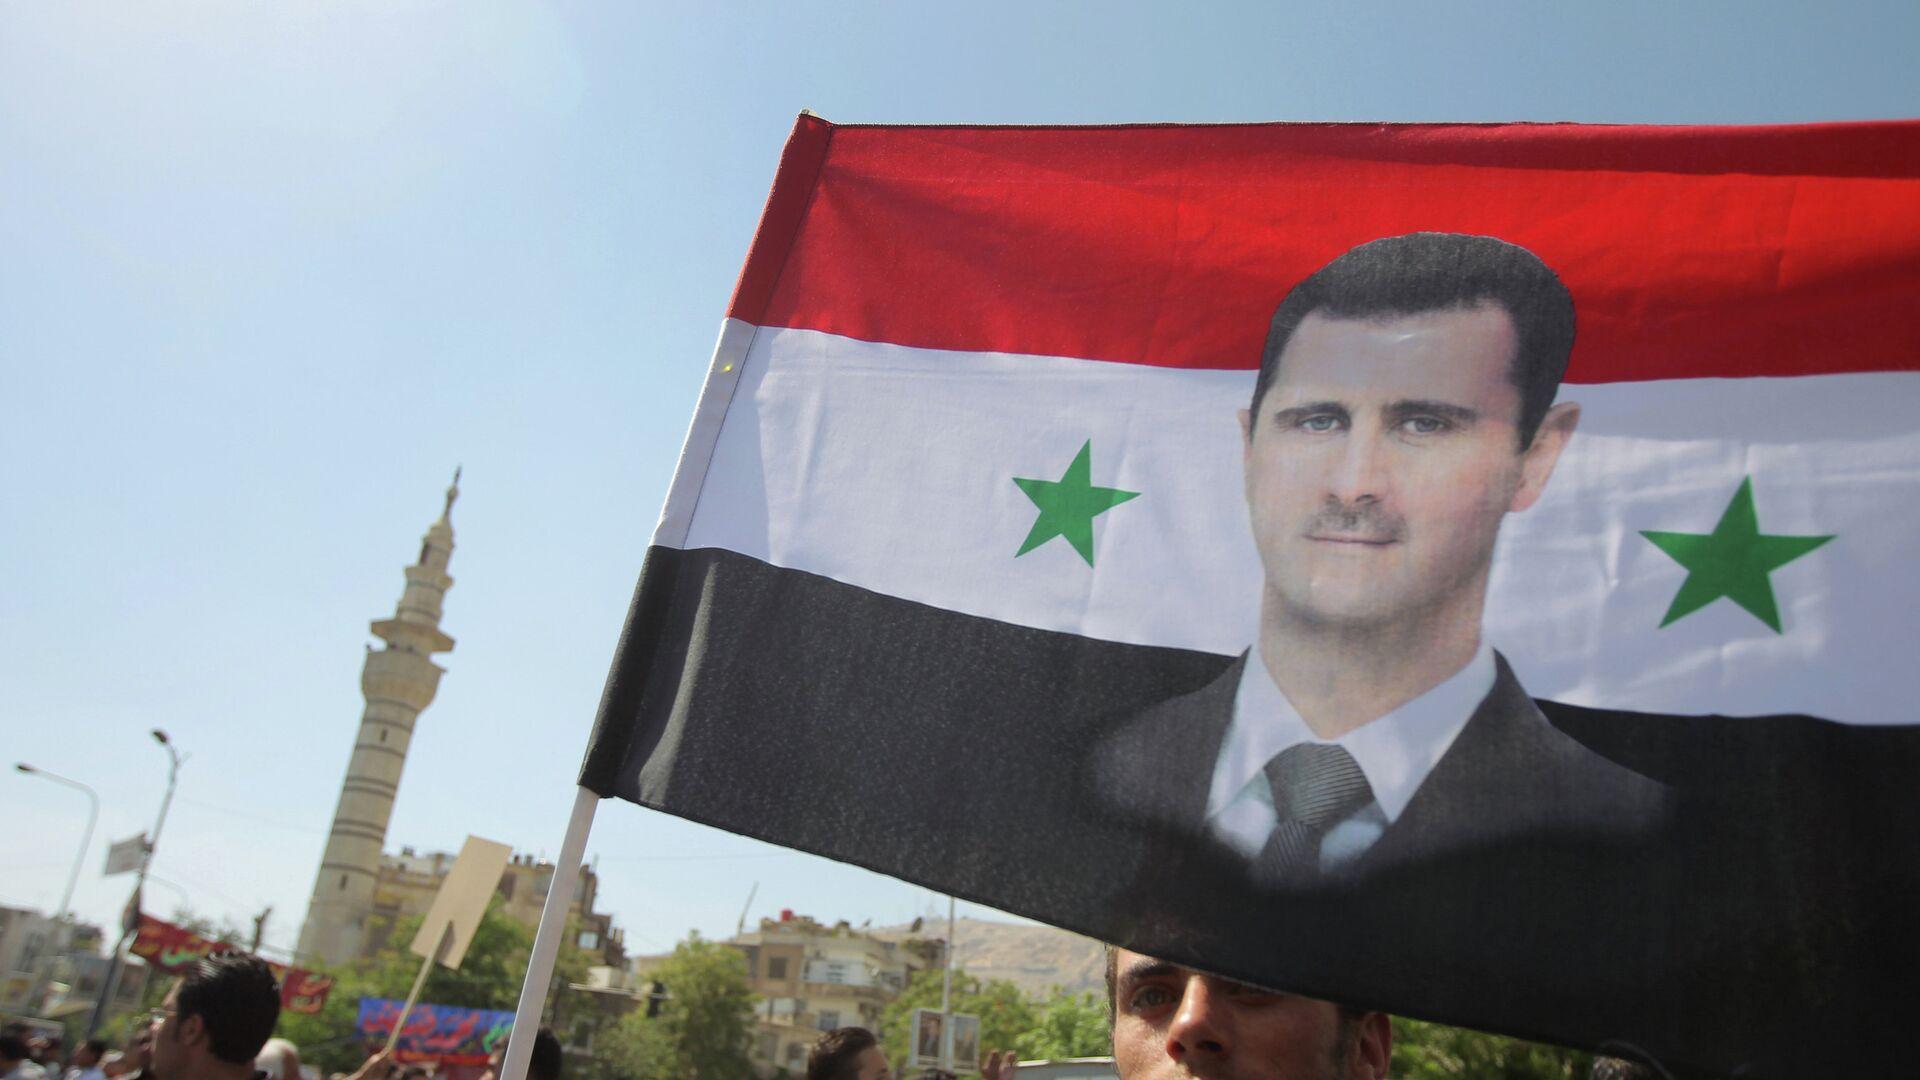 Митинг в поддержку Башара Асада в Дамаске - Sputnik Mundo, 1920, 01.04.2021